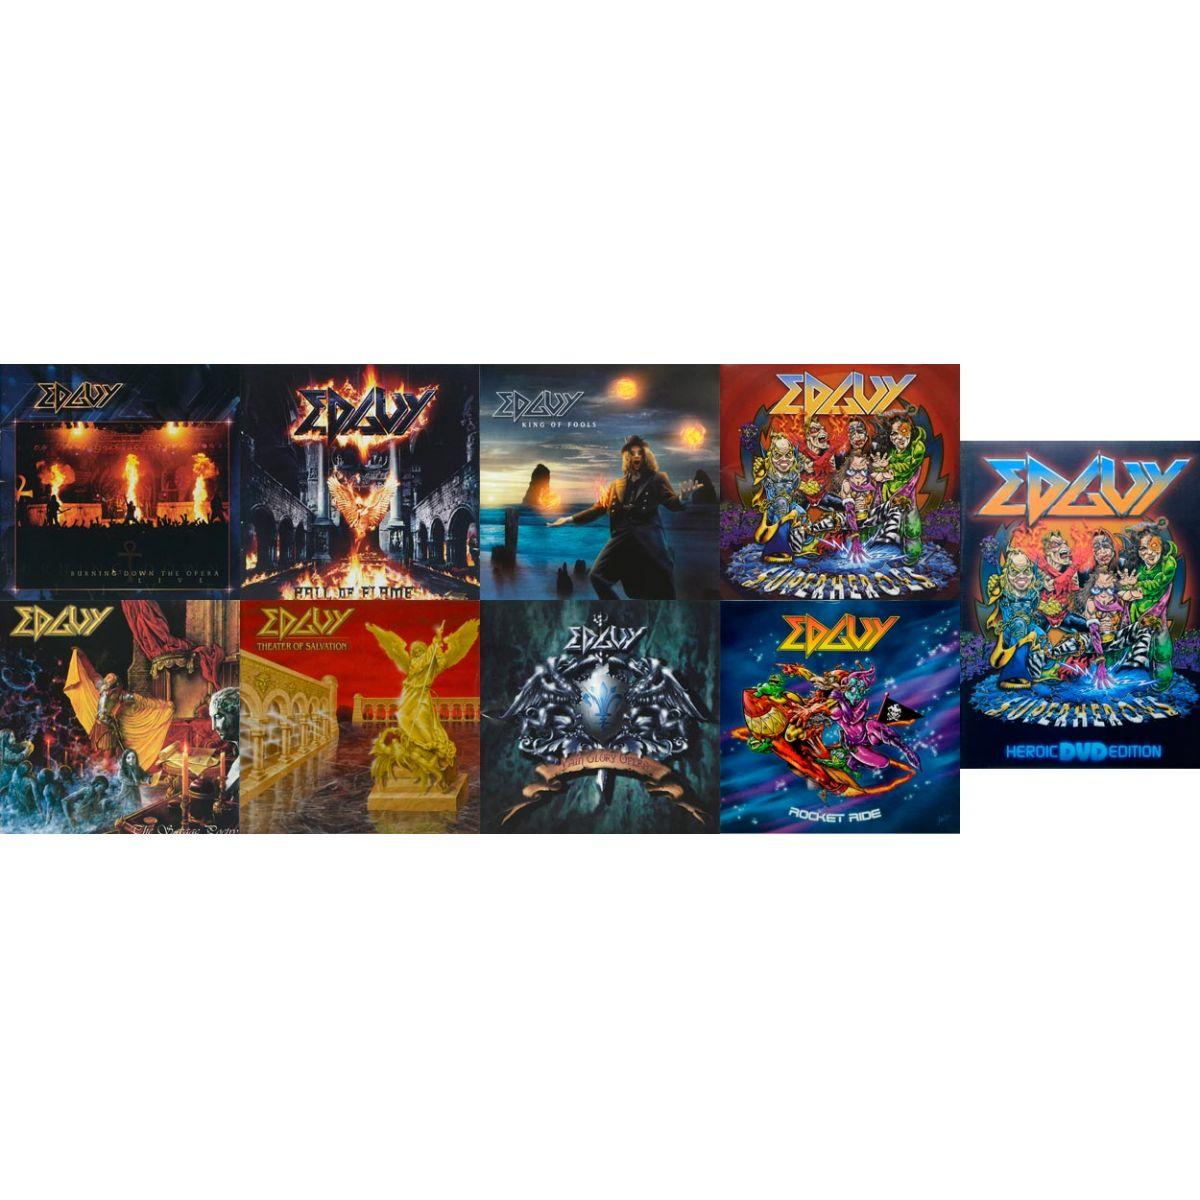 Seleção EDGUY 8 CDs e 1 DVD